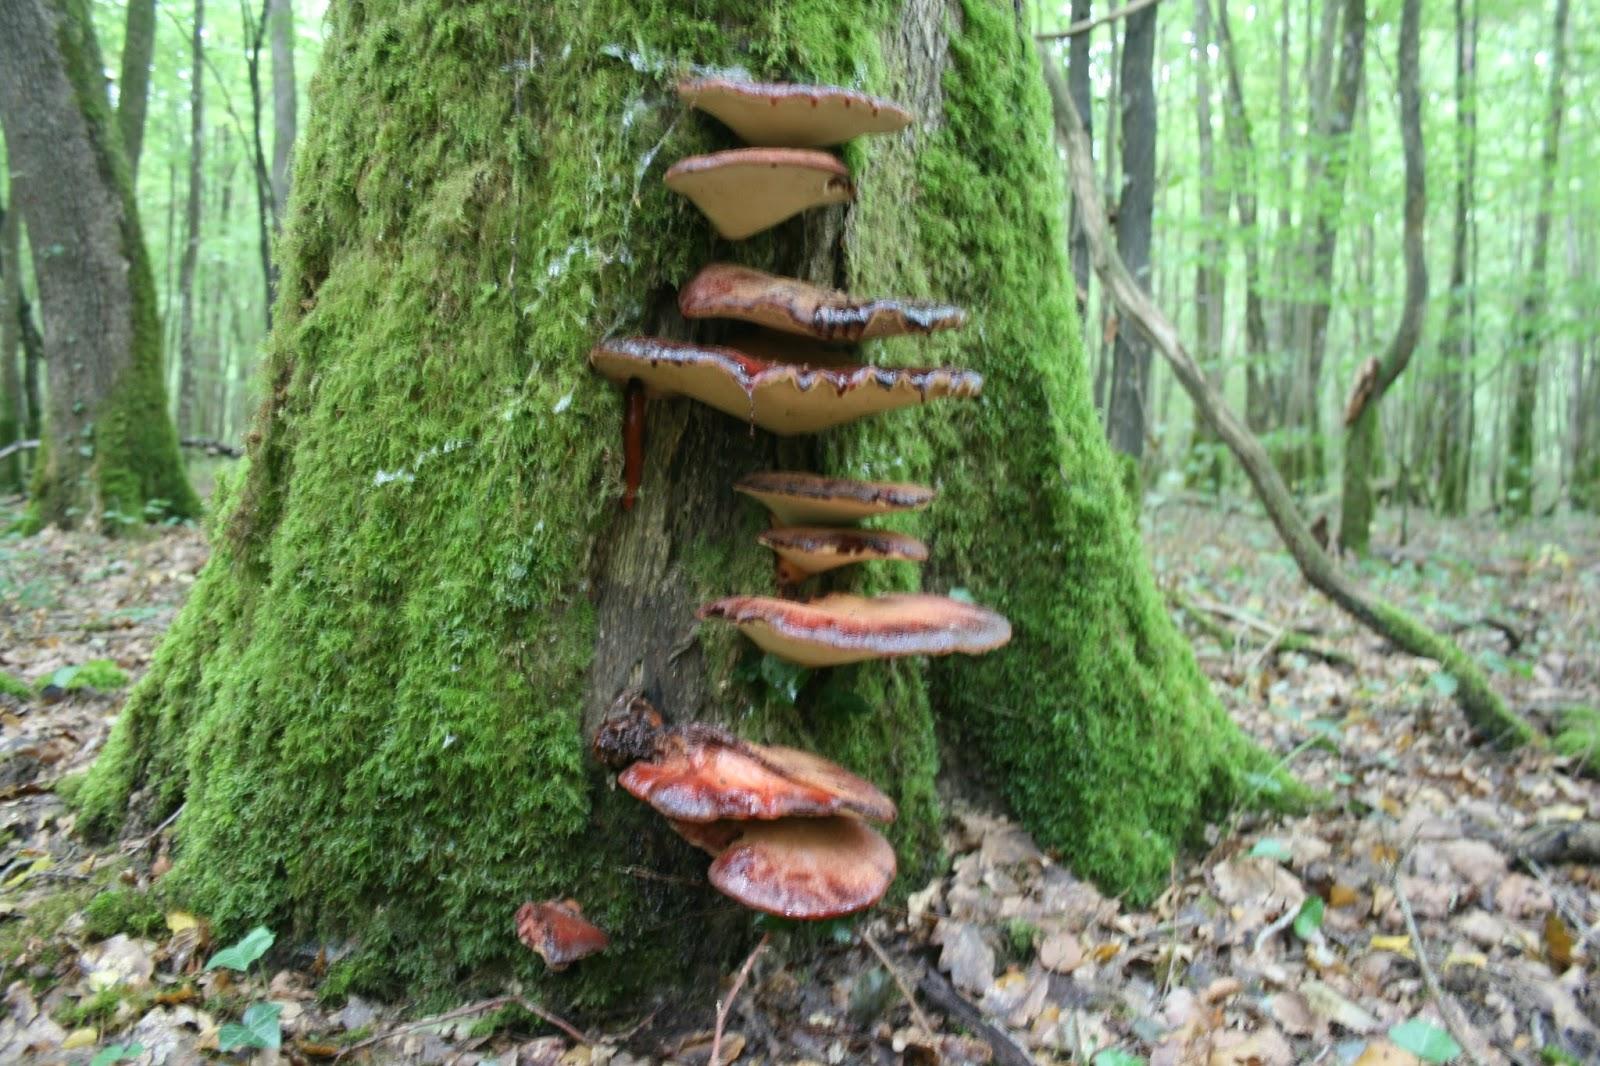 Les champignon viande - Champignon sur tronc d arbre ...